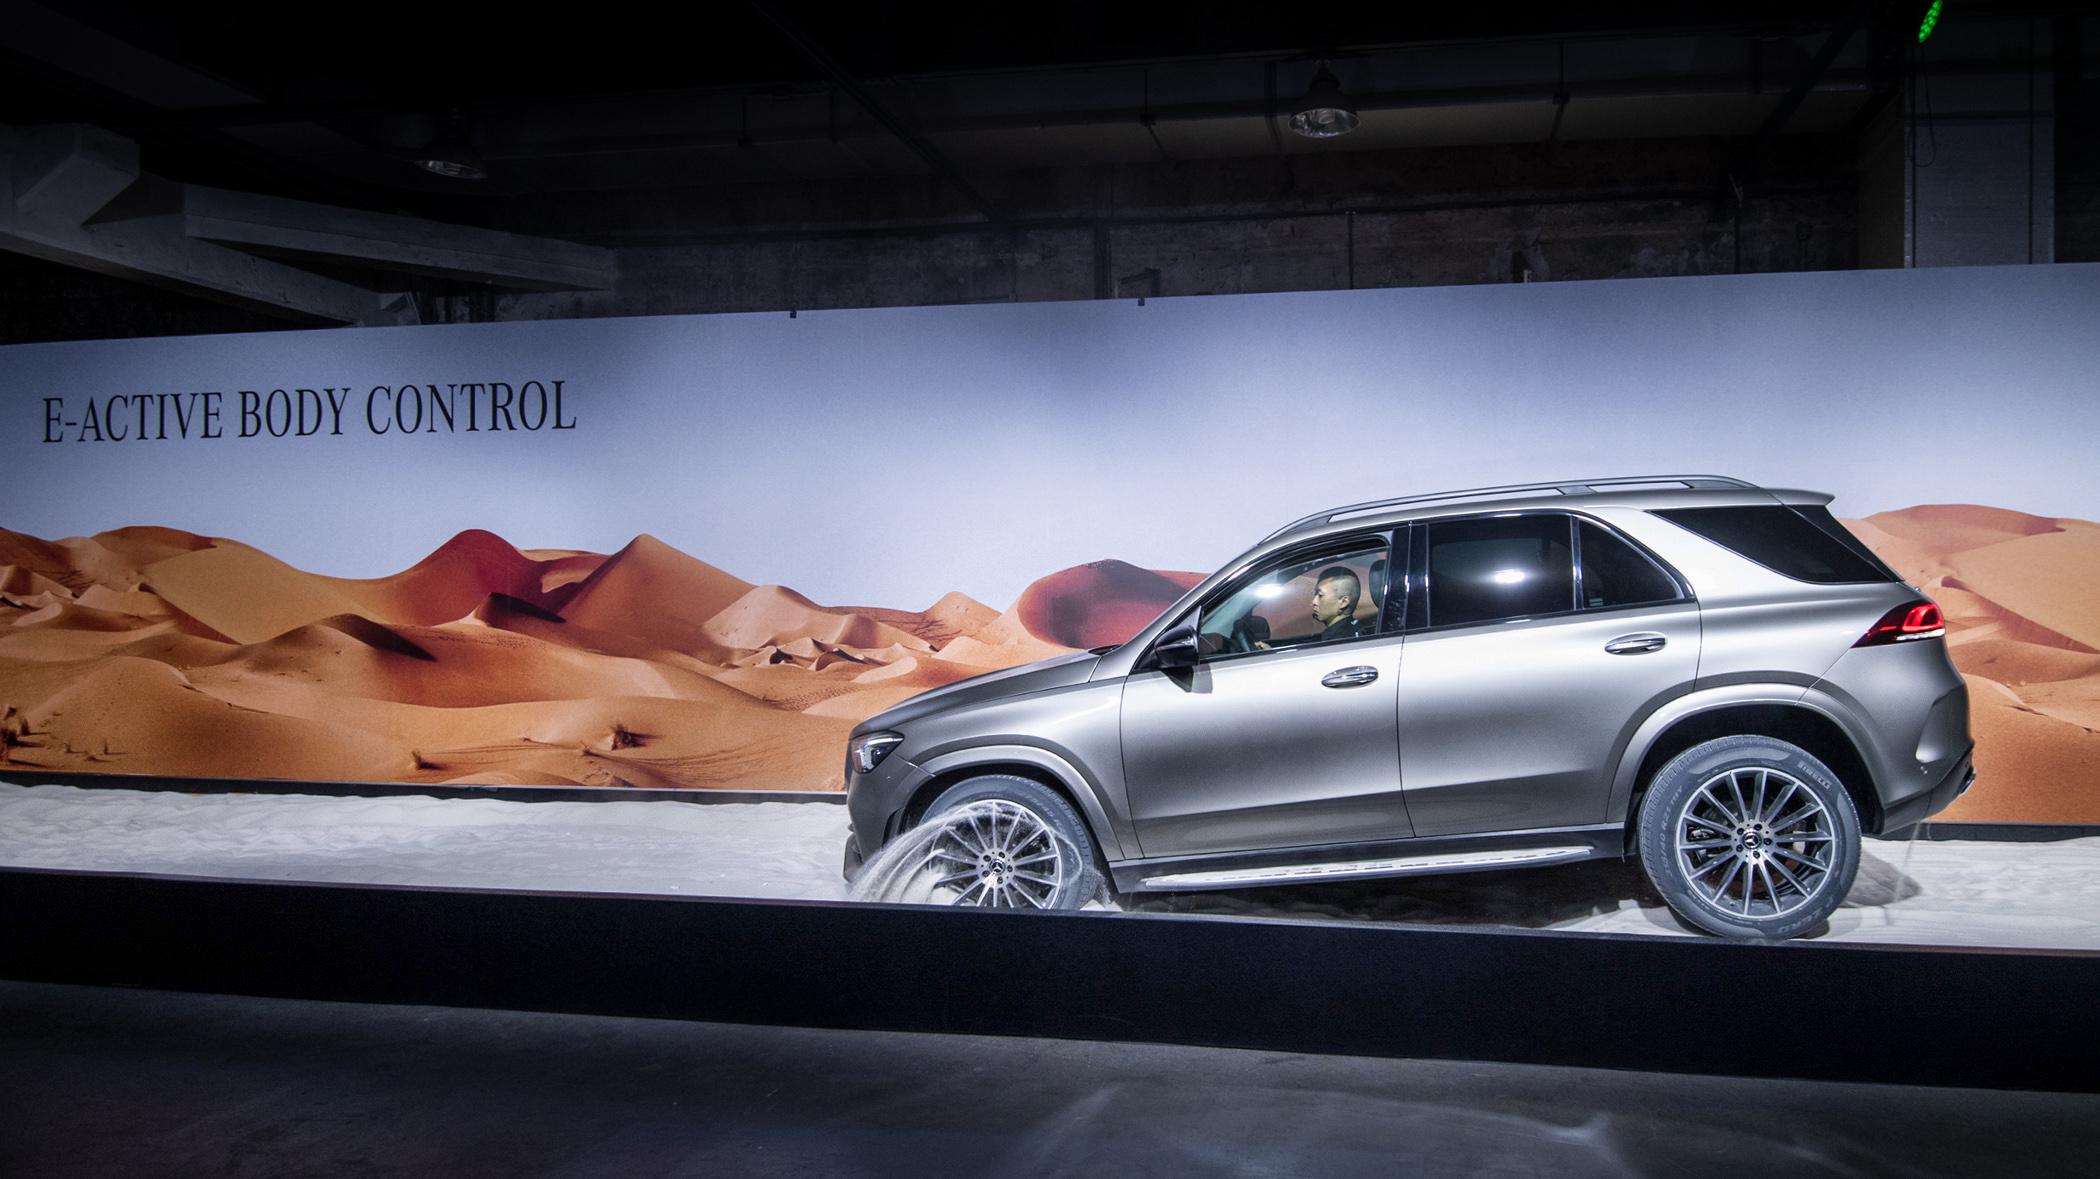 現場演示The new Mercedes-Benz GLE 的 E-Active Body Control 脫困模式,立刻成為全場焦點